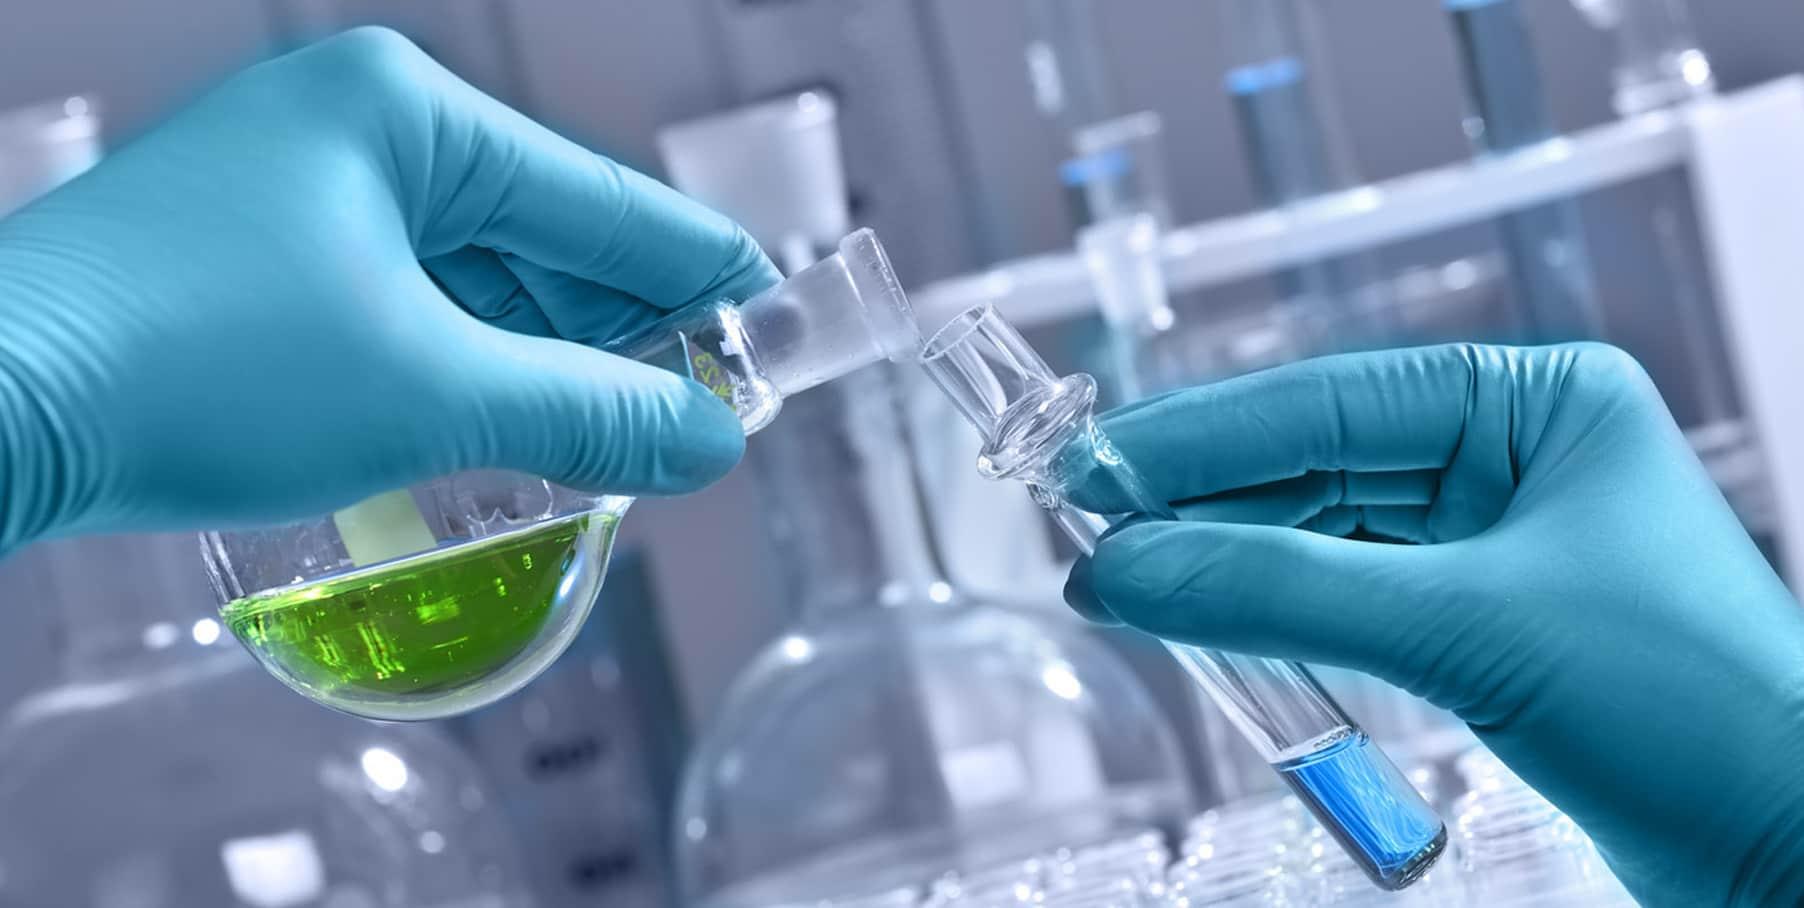 микробиологические исследования хмурит